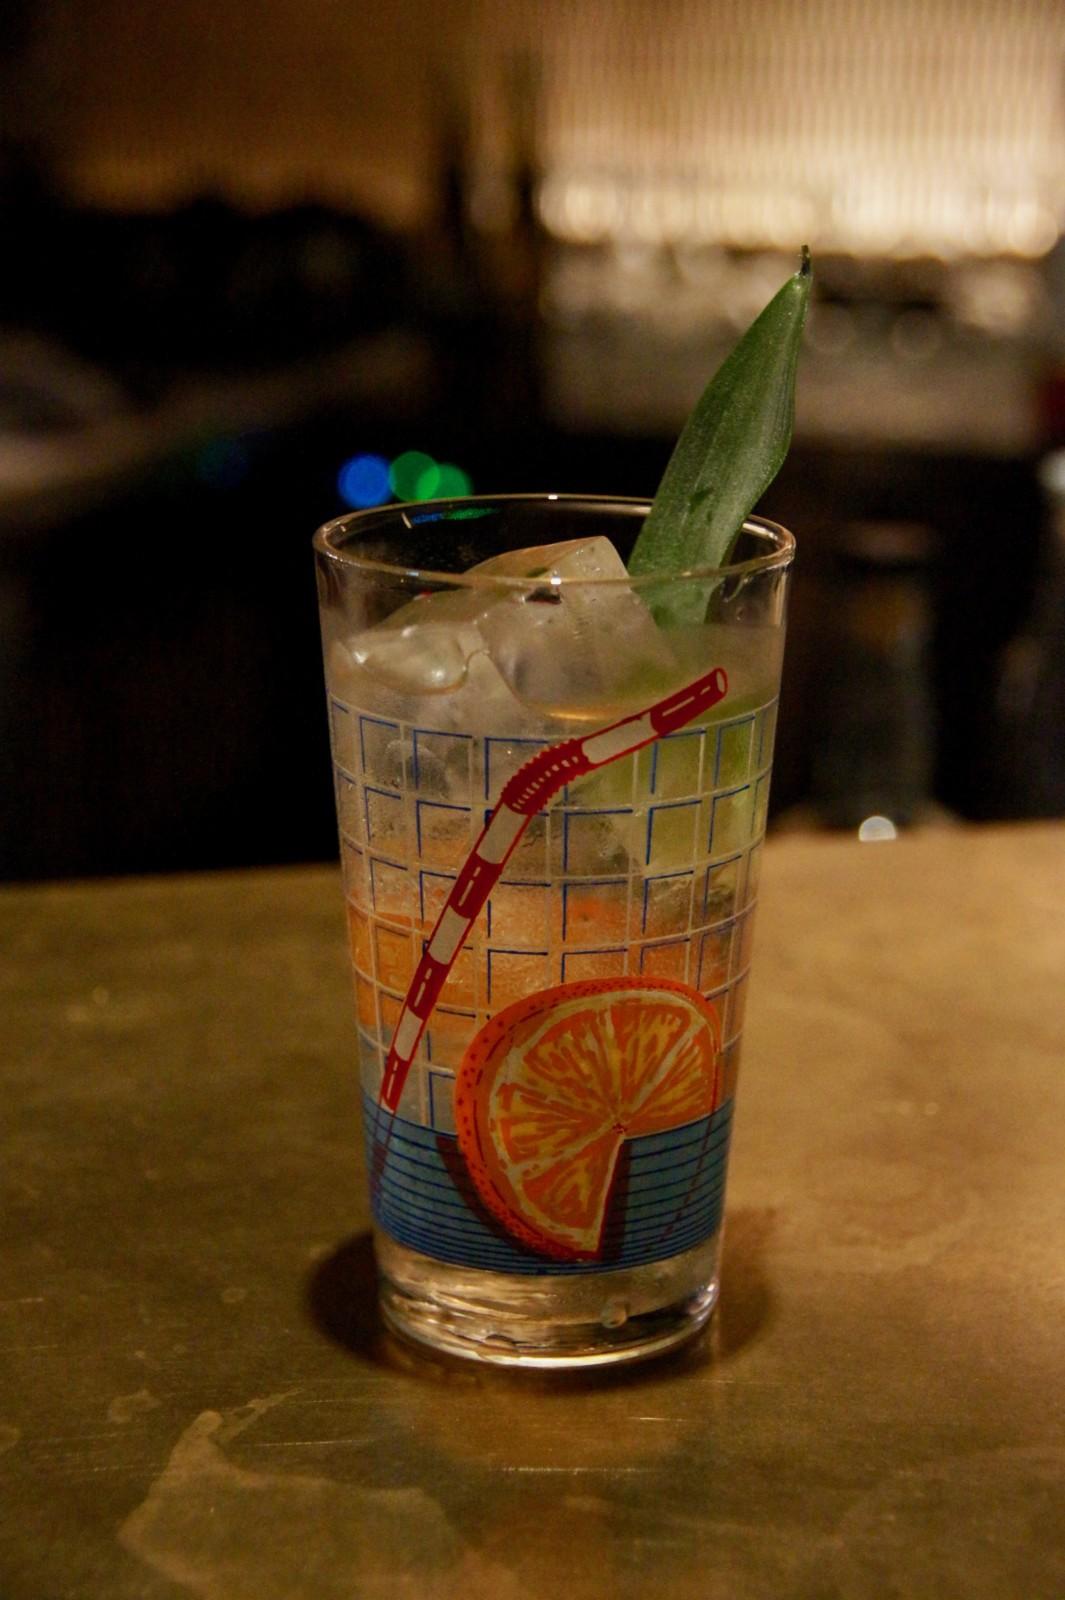 Der umweltbewusste Ananaspunch von David Gafner: Das Plastikröhrli gibt's nur als Glassujet dazu. Foto: Lunchgate/Max